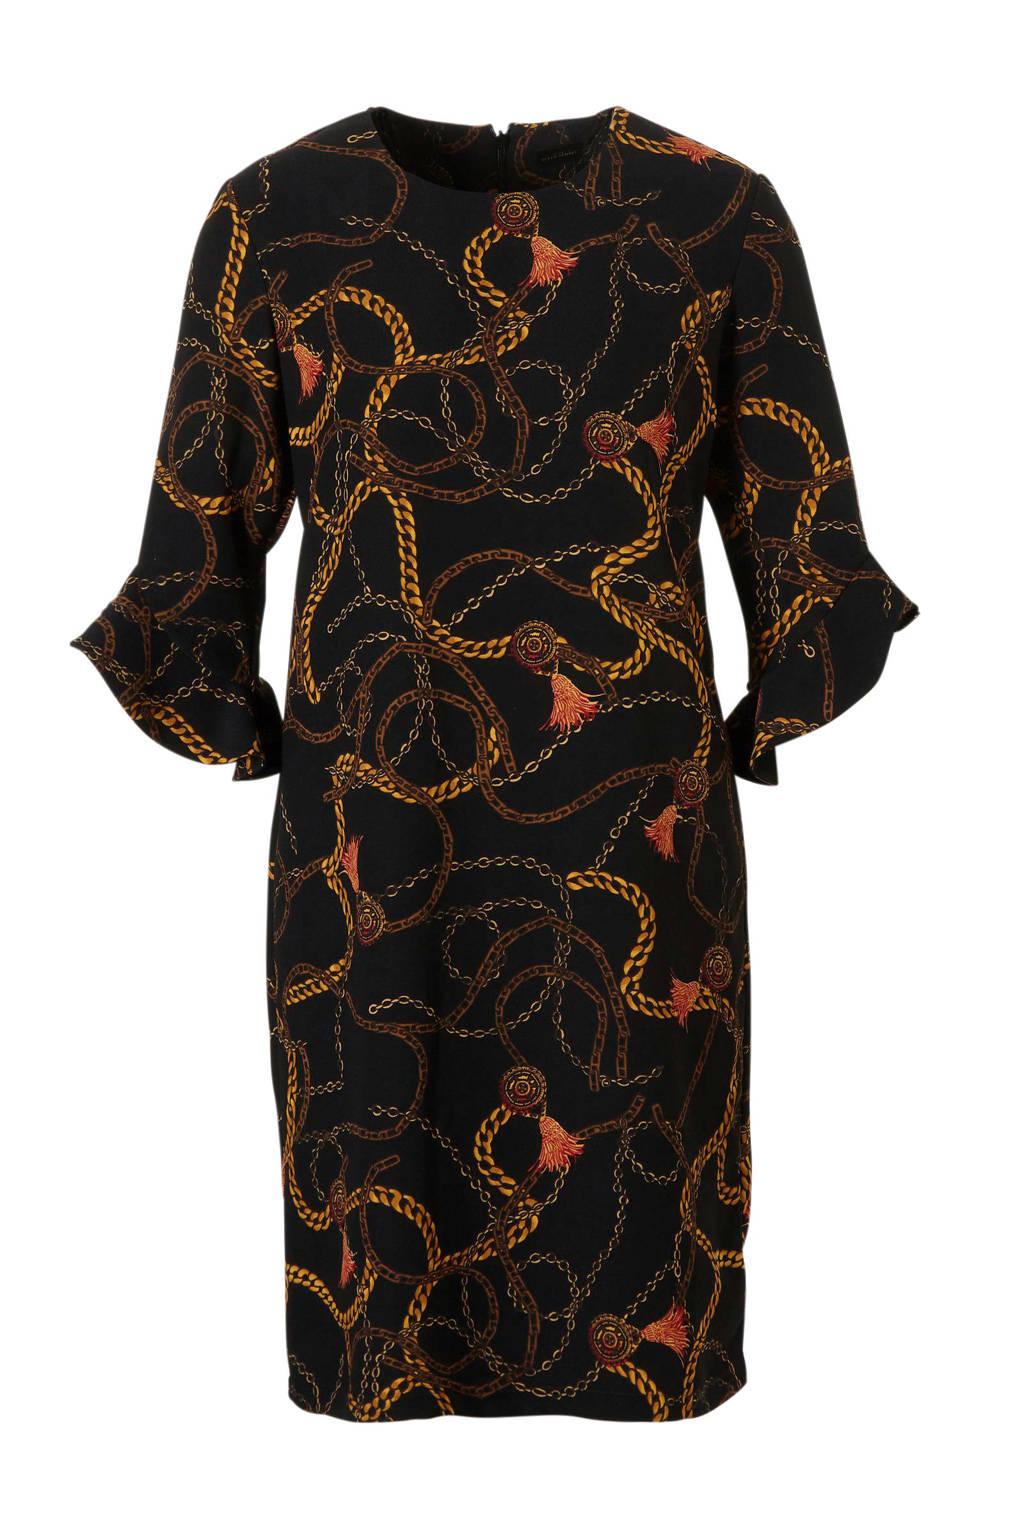 C&A YSS Shop jurk met kettingprint zwart/oker, Zwart/oker